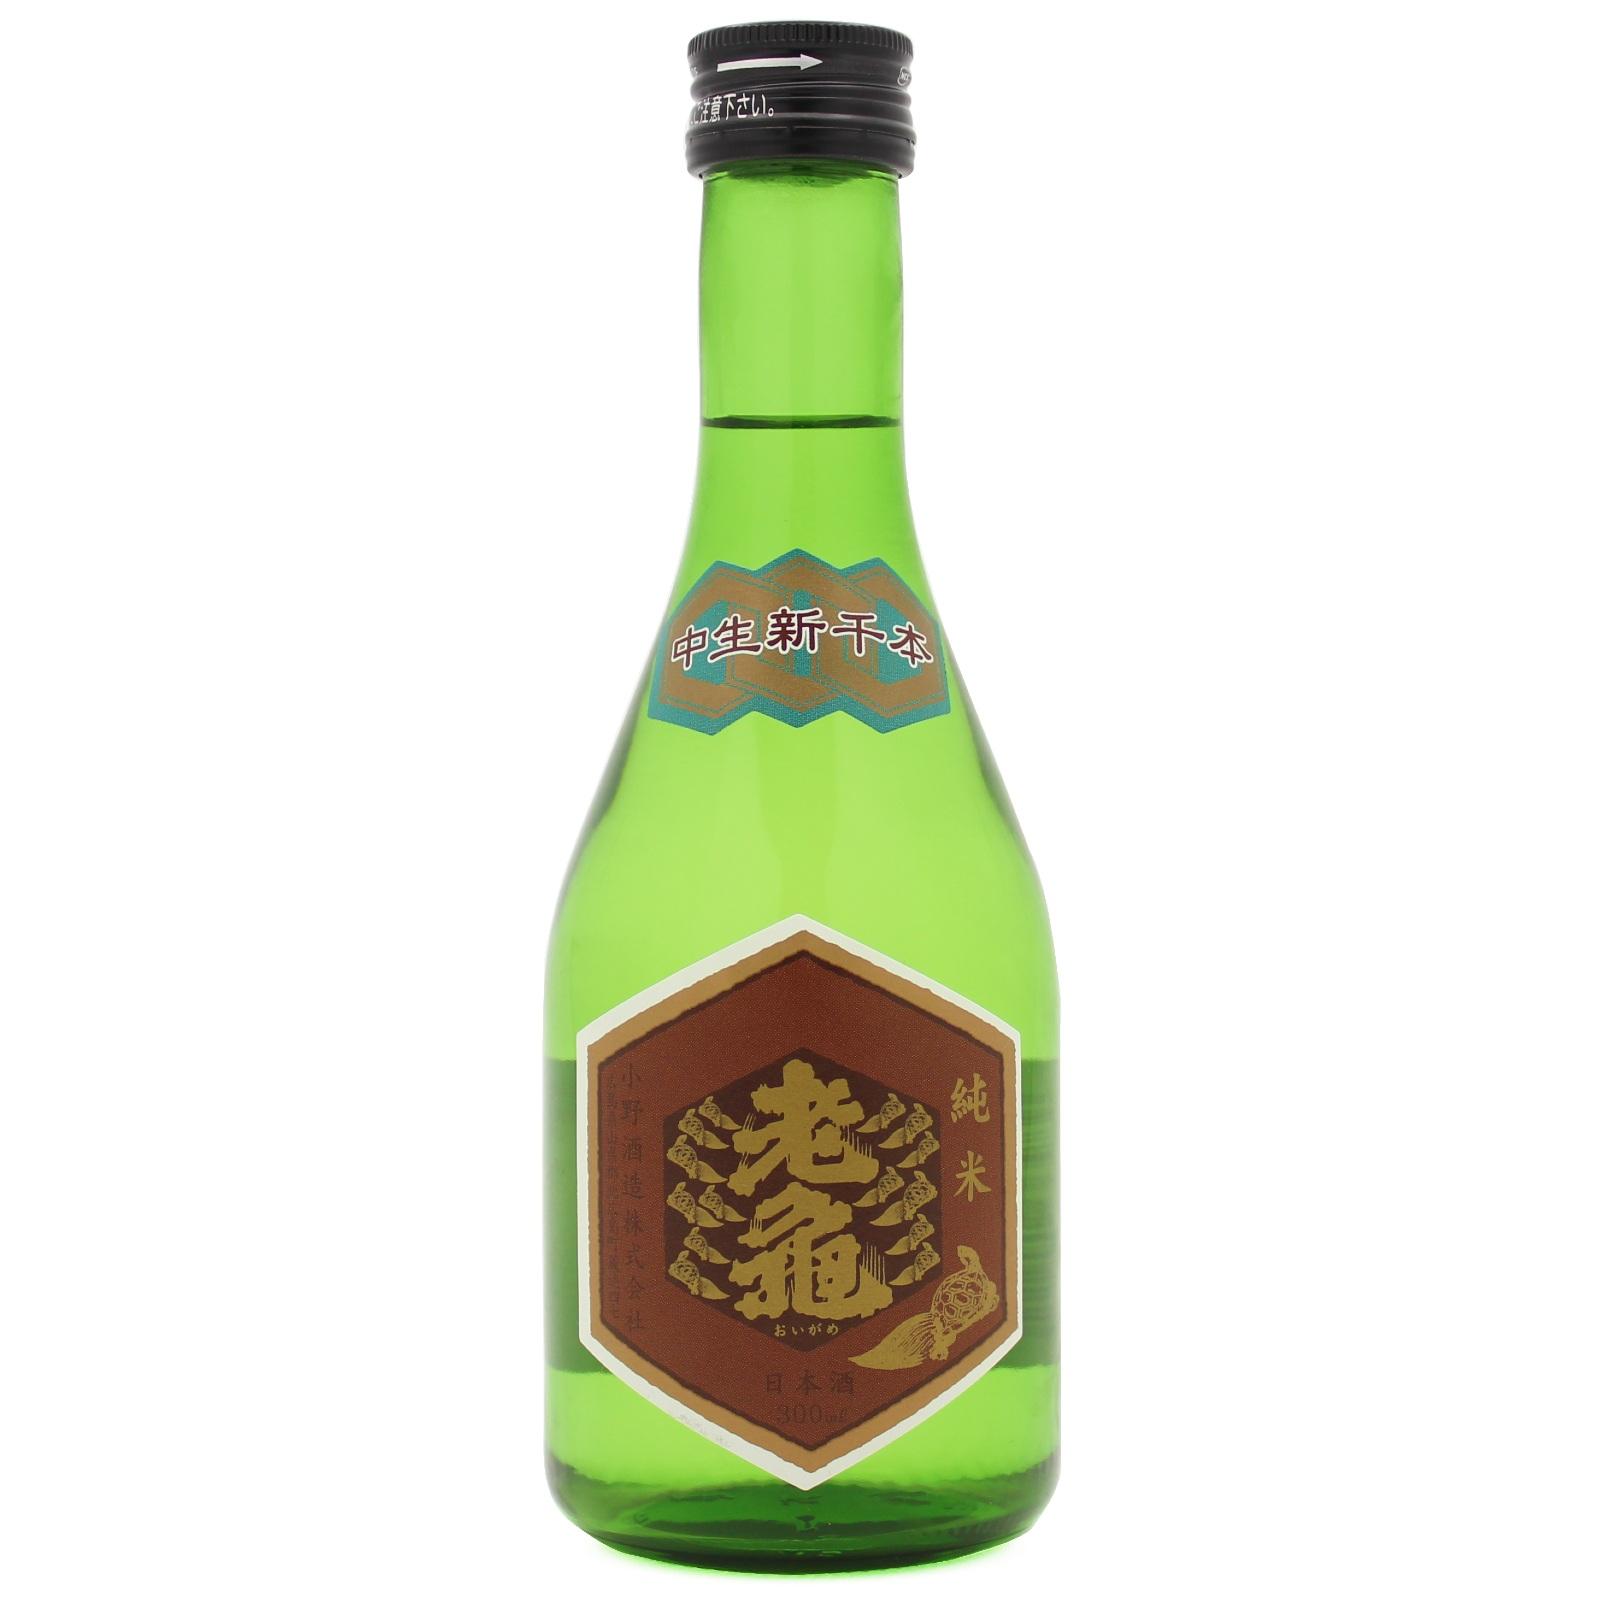 老亀 純米酒 中生新千本